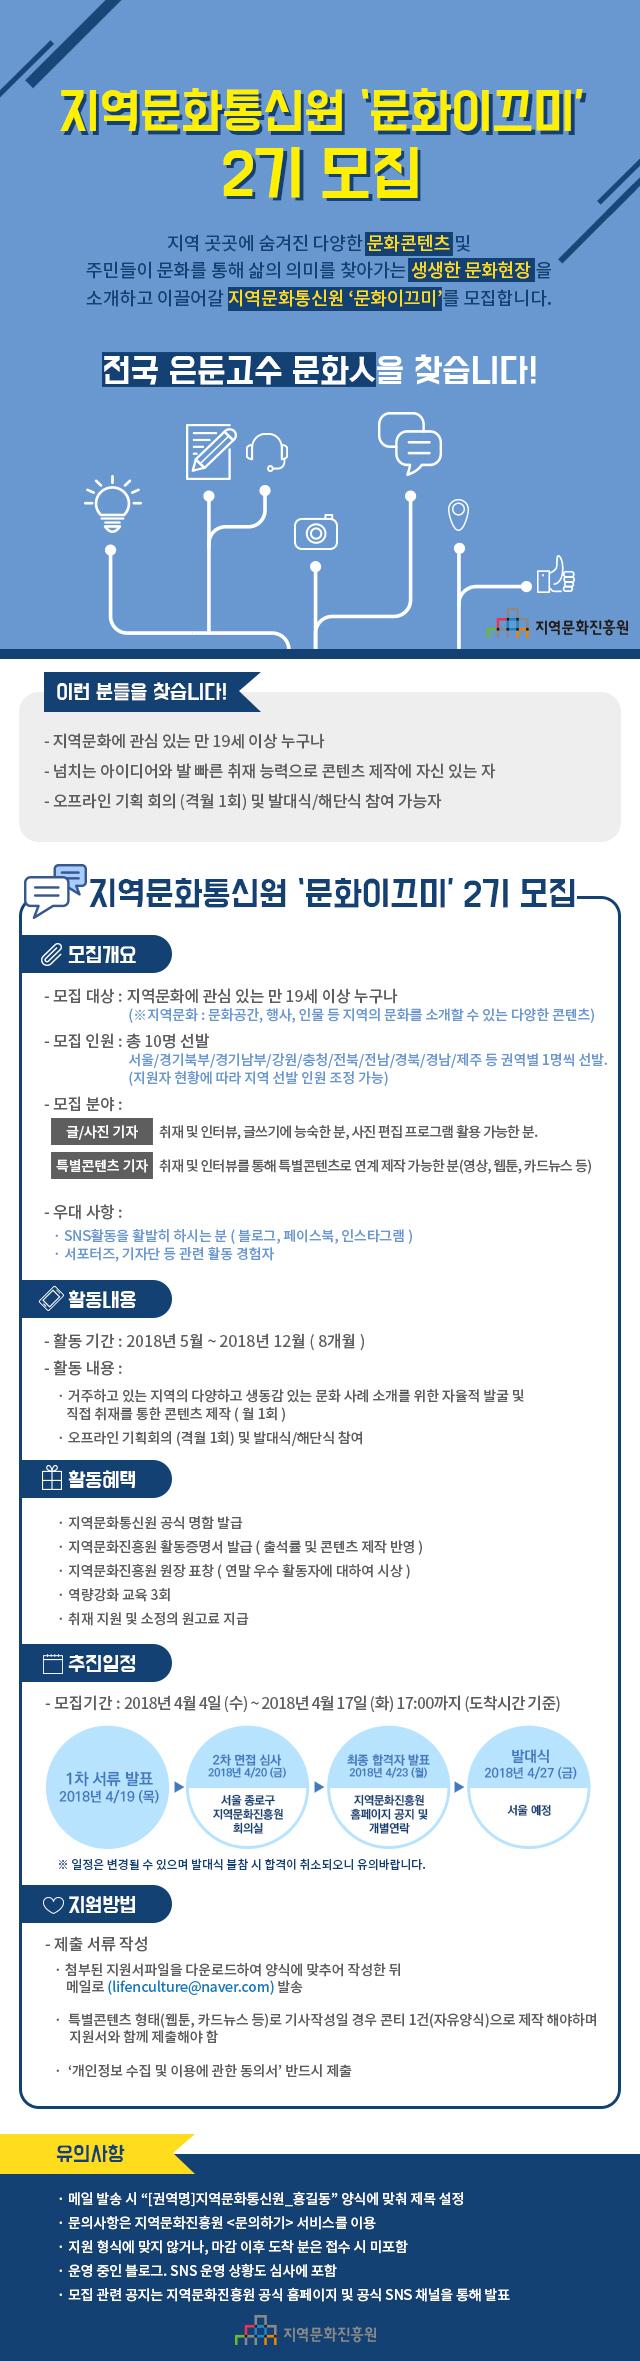 2018 제2기 지역문화통신원 모집안내문.jpg